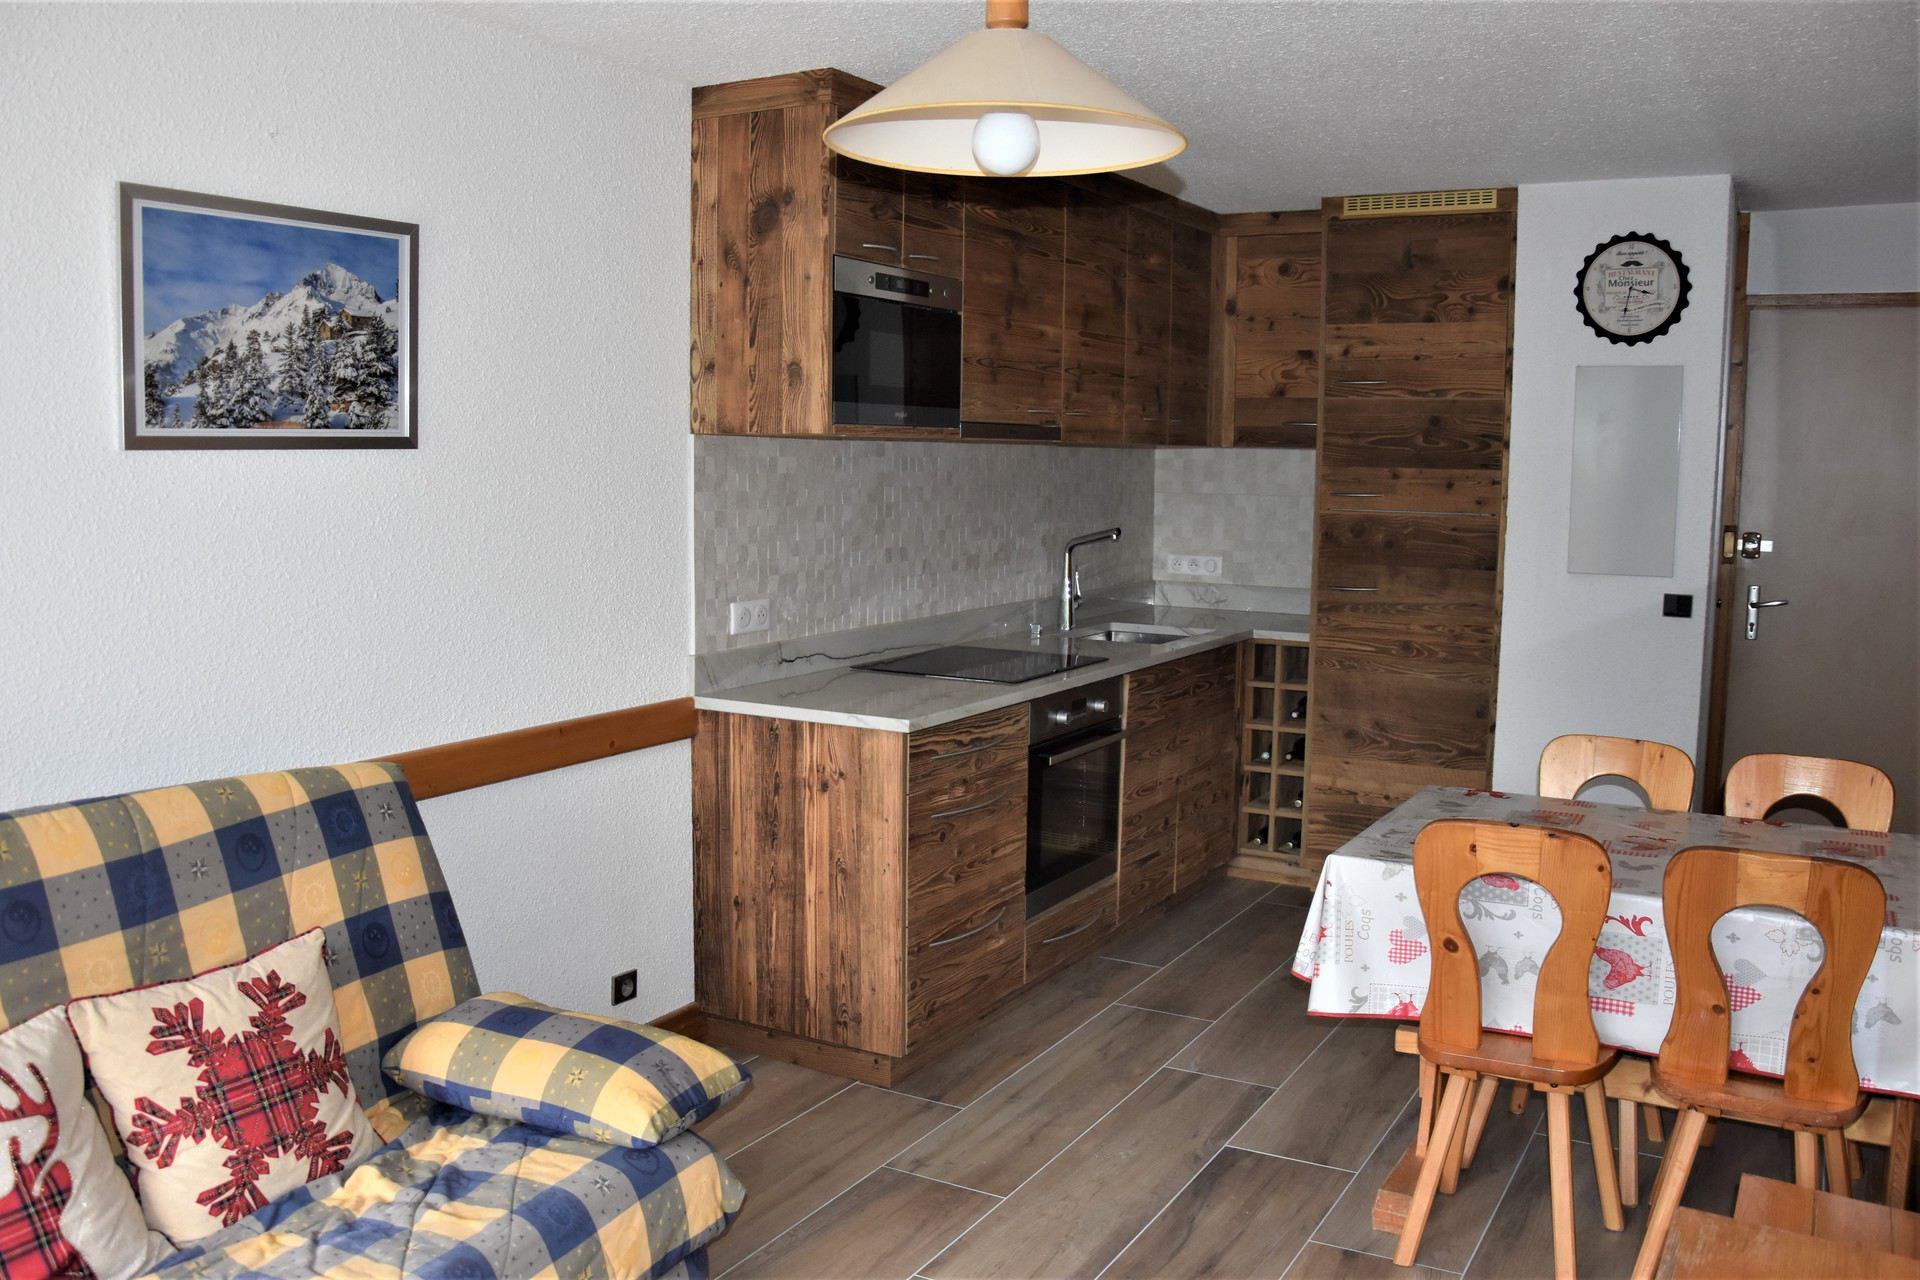 Rental reference : GLACIEC2 to Pralognan la Vanoise